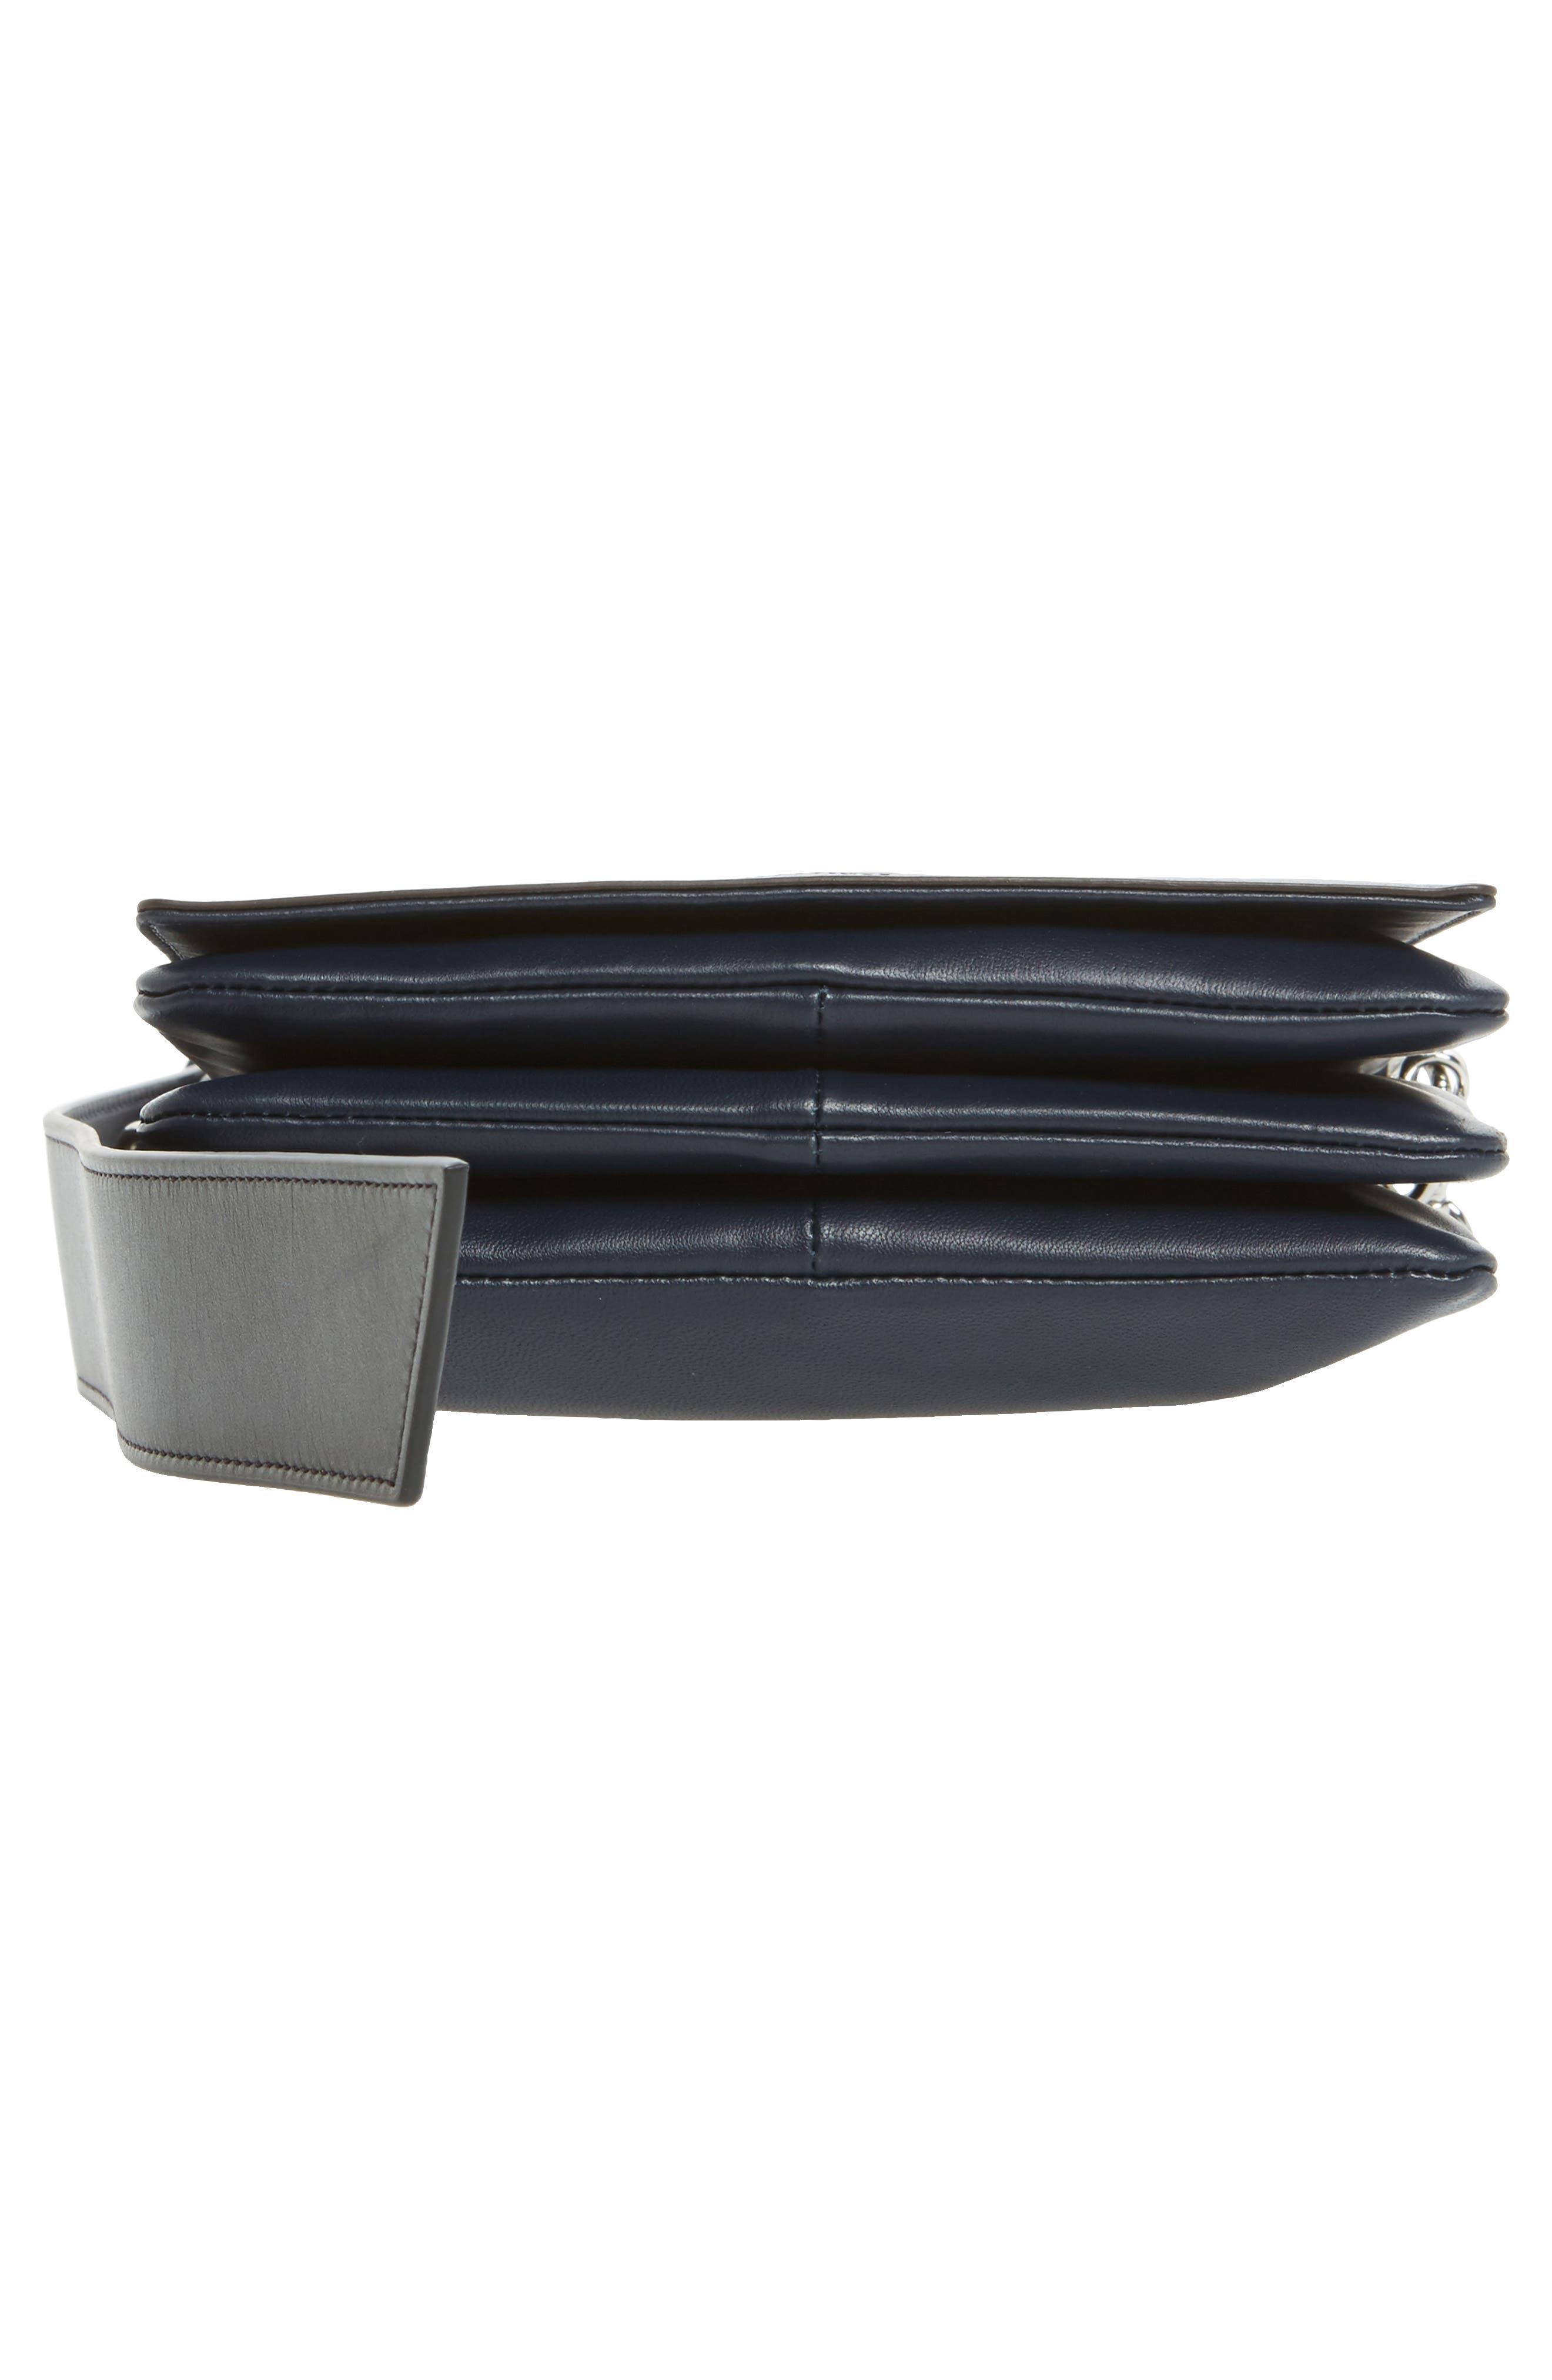 Zep Lambskin Leather Shoulder Bag,                             Alternate thumbnail 11, color,